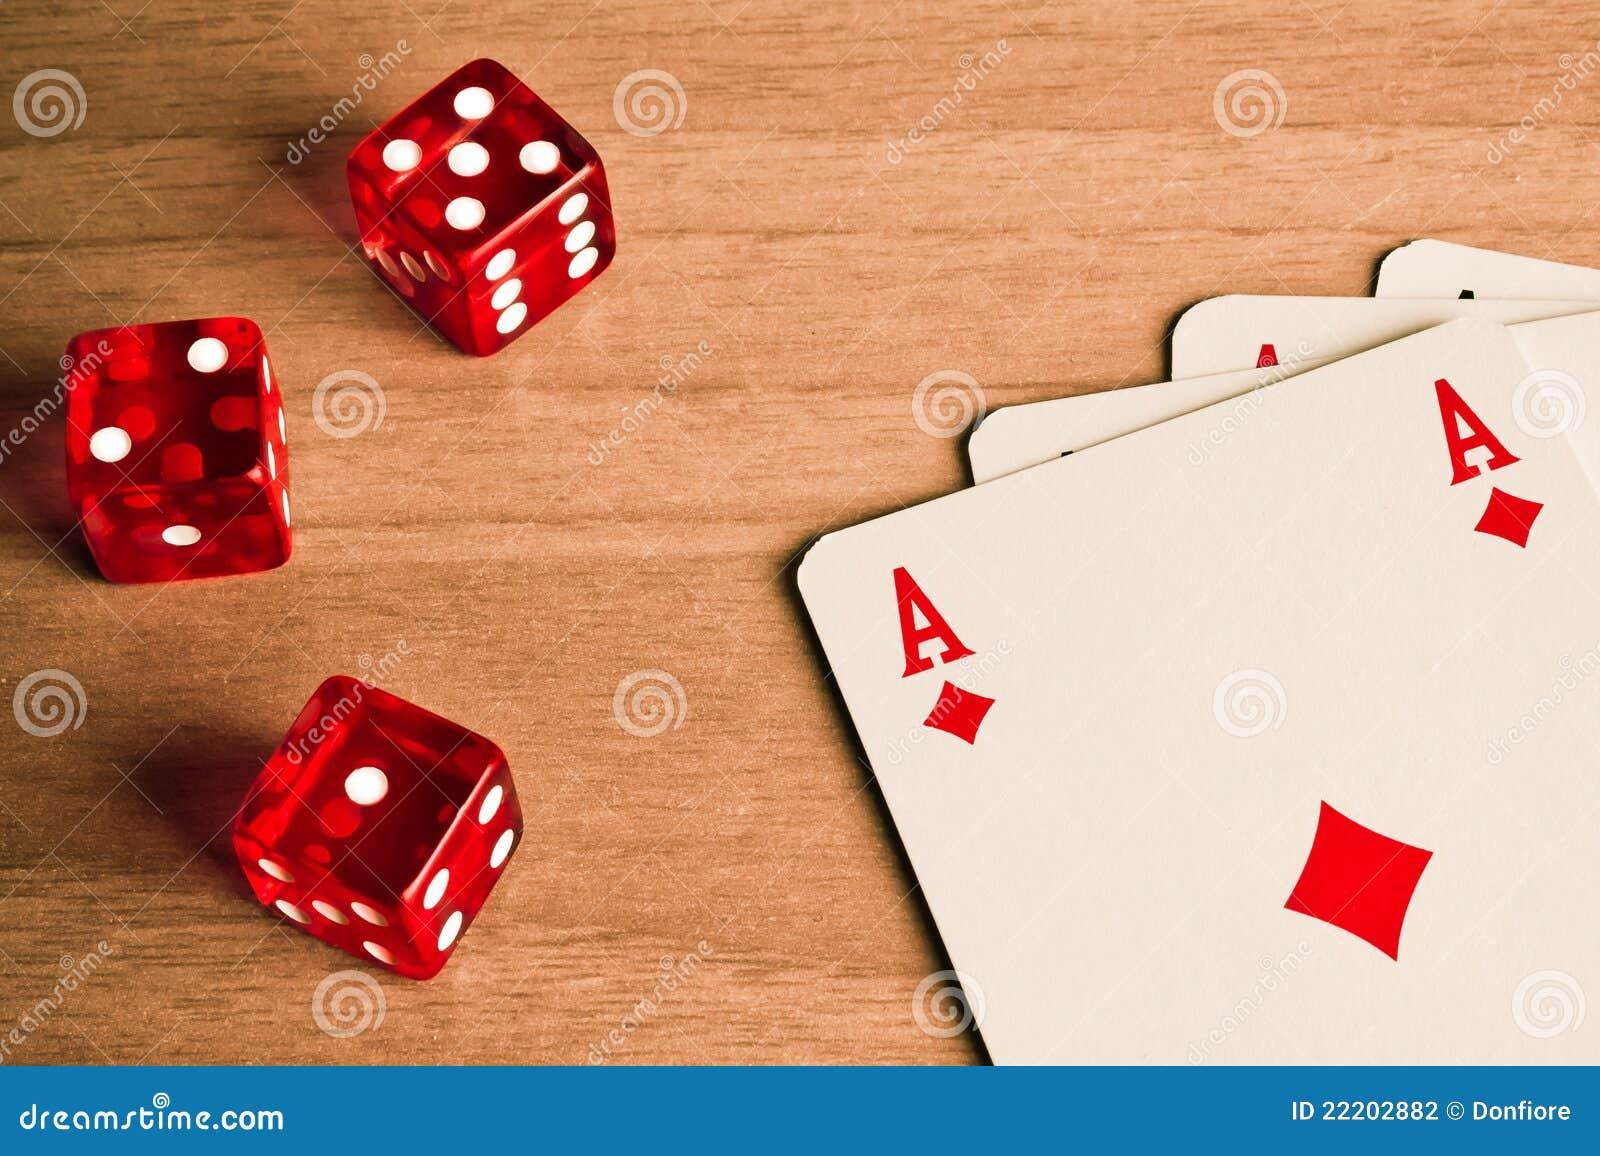 Casino povoa de varzim eventos